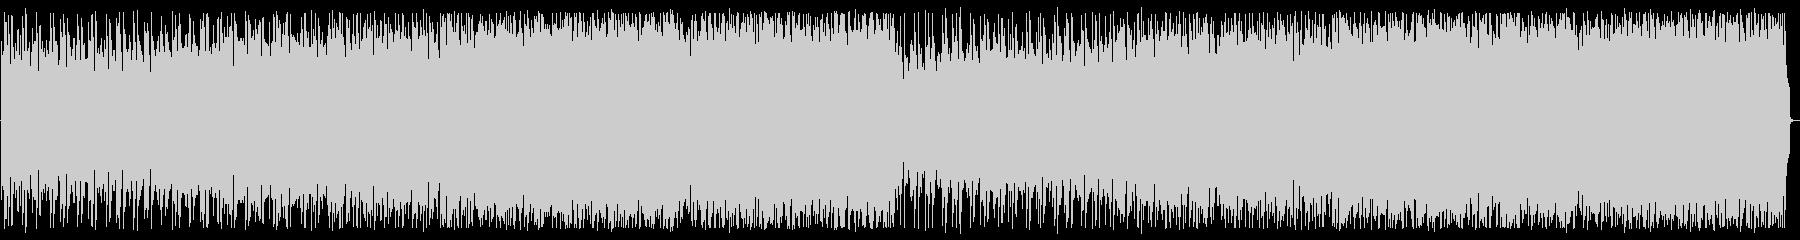 疾走/エレクトロ_No582_1の未再生の波形